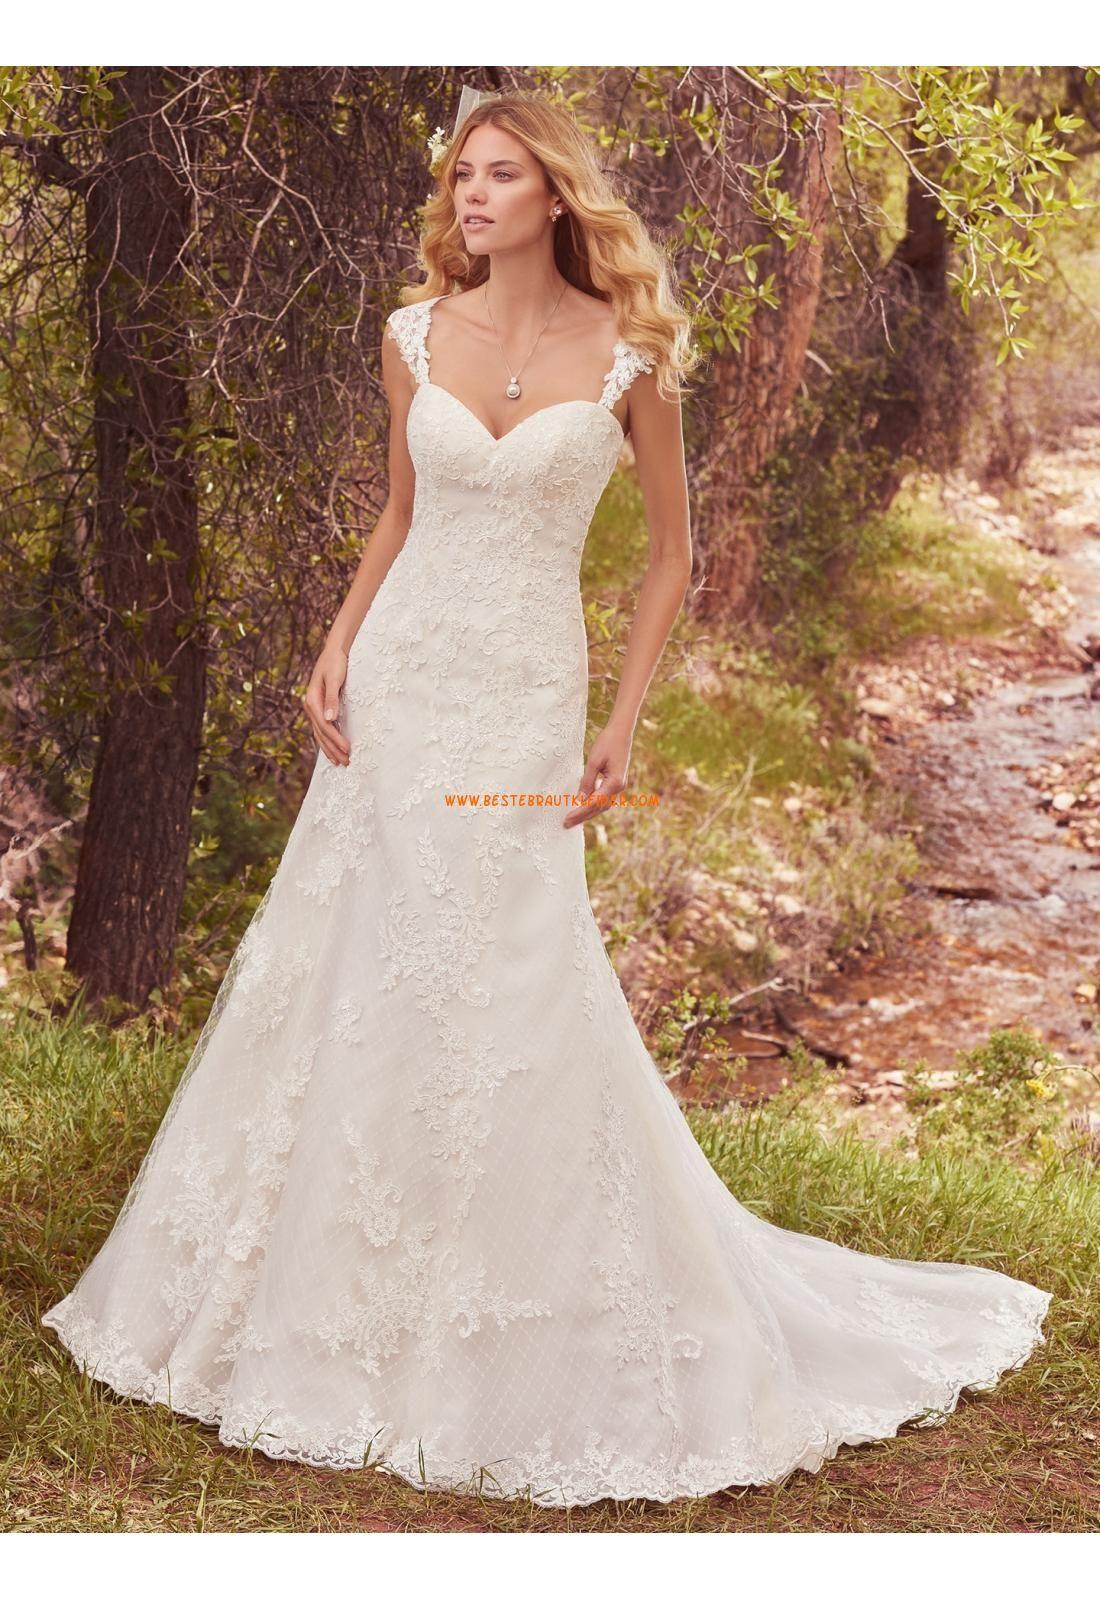 Meerjungfrau V-ausschnitt Glamouröse Brautkleider aus Tüll mit ...